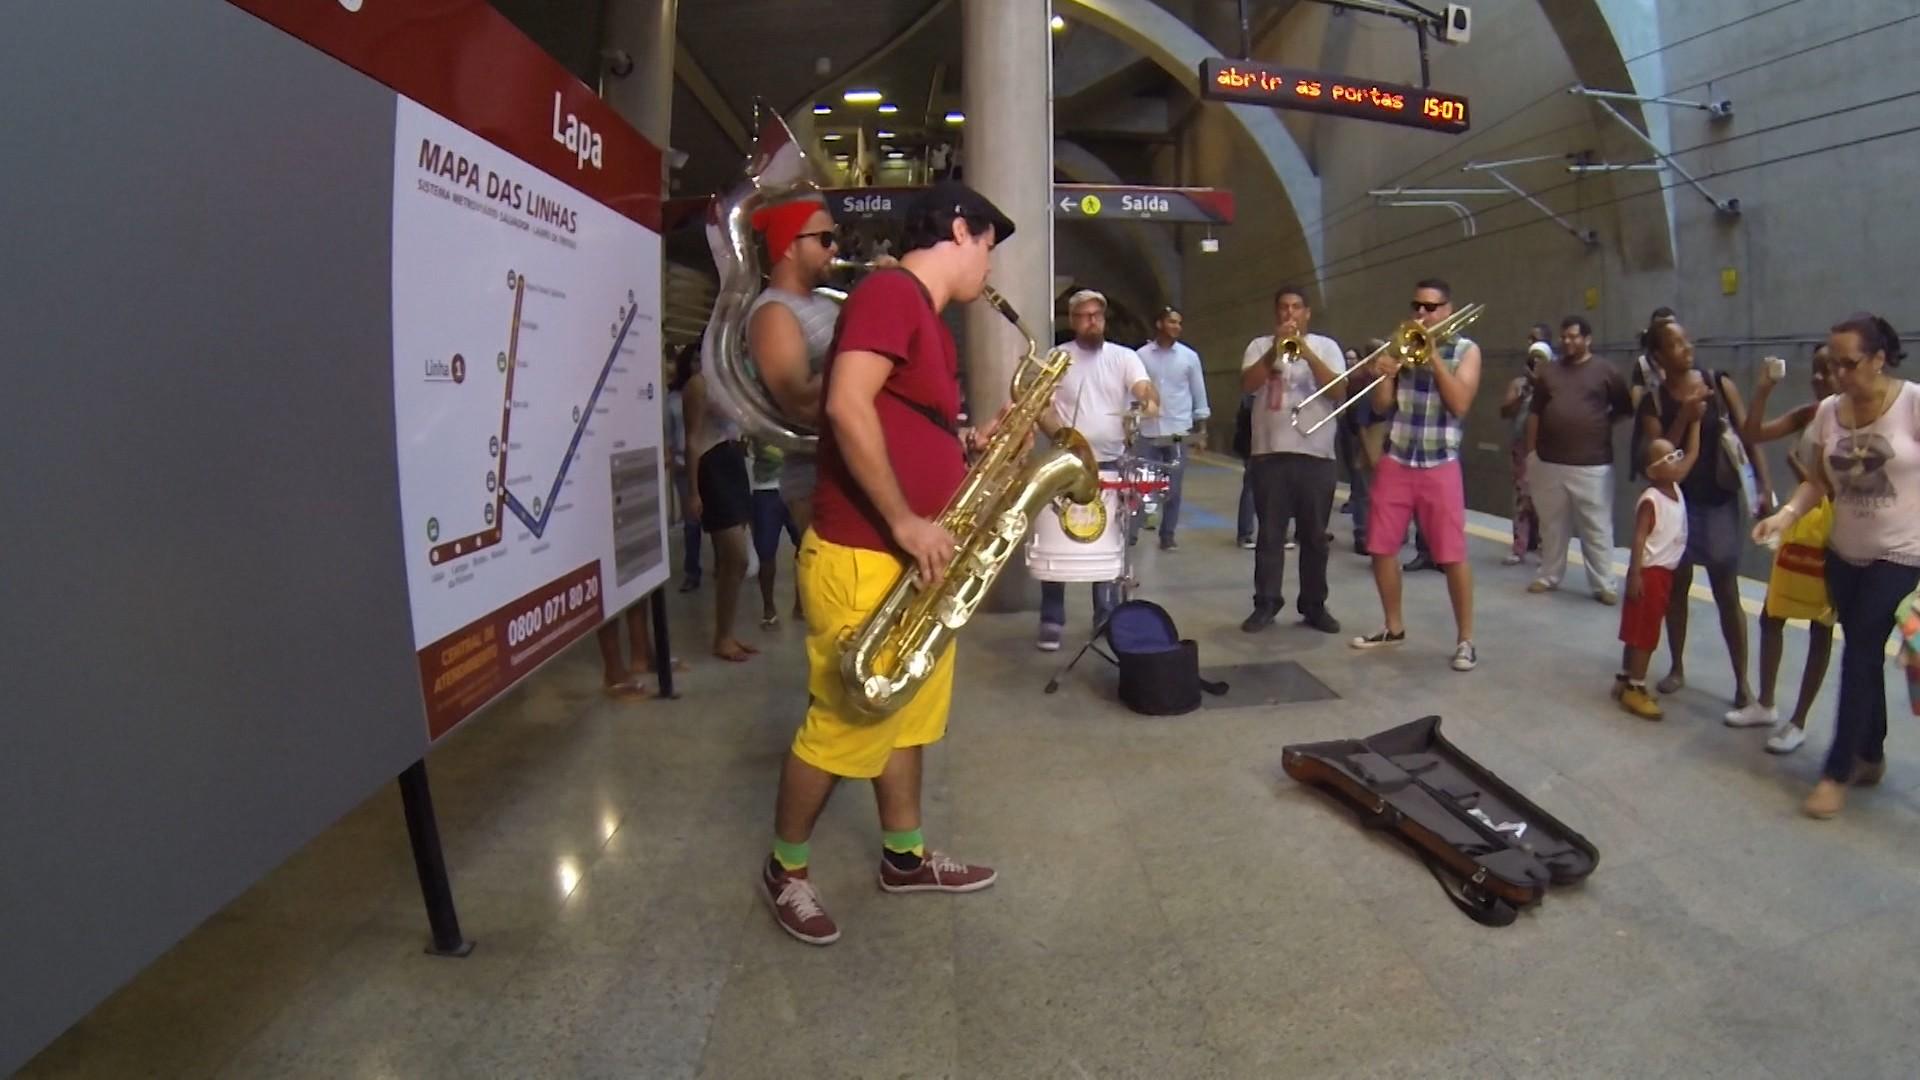 O metrô de Salvador é um dos locais públicos escolhidos pelos artistas (Foto: Divulgação)